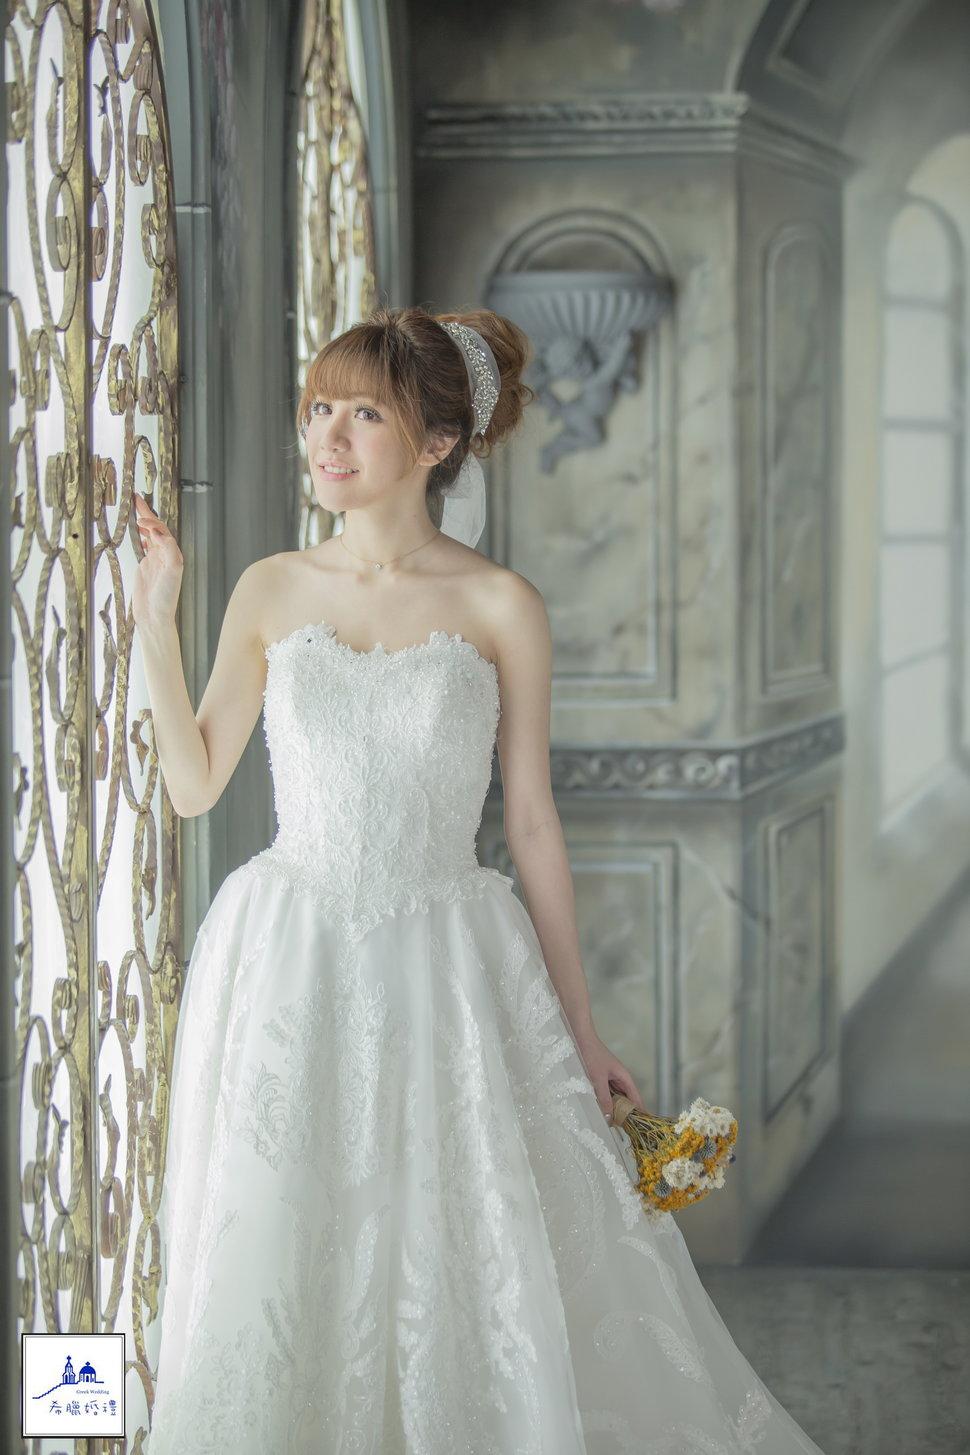 2016希臘婚禮手工婚紗禮服(編號:377108) - 希臘婚禮  婚紗  攝影 - 結婚吧